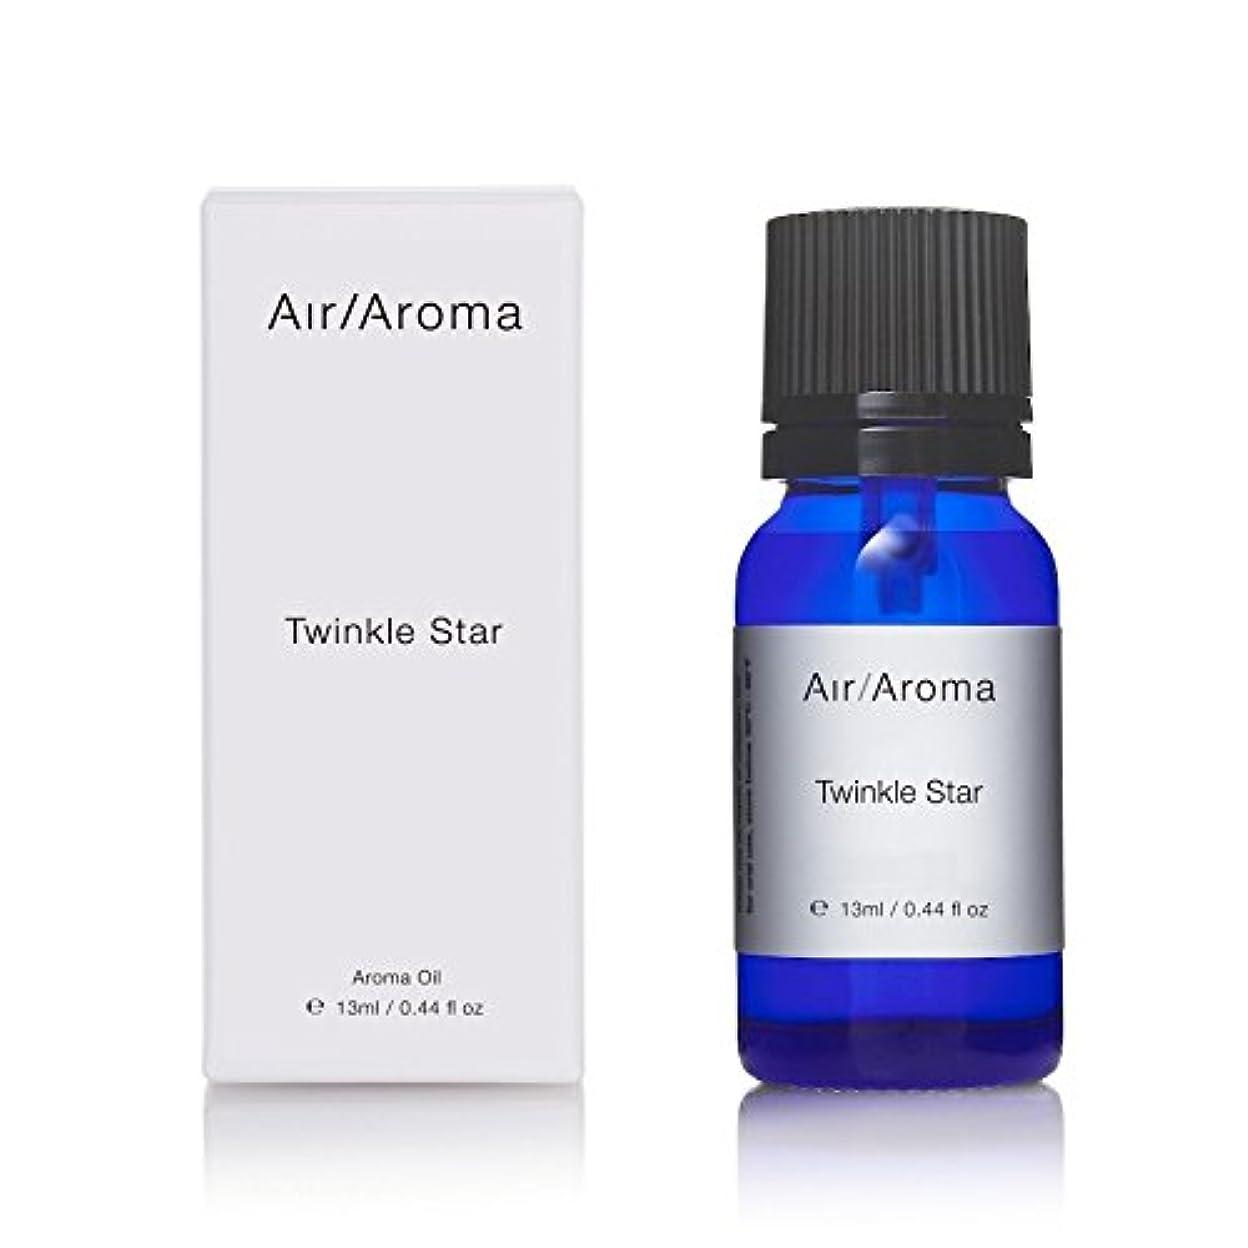 ボーダーやさしく限られたエアアロマ twinkle star (トゥインクルスター) 13ml